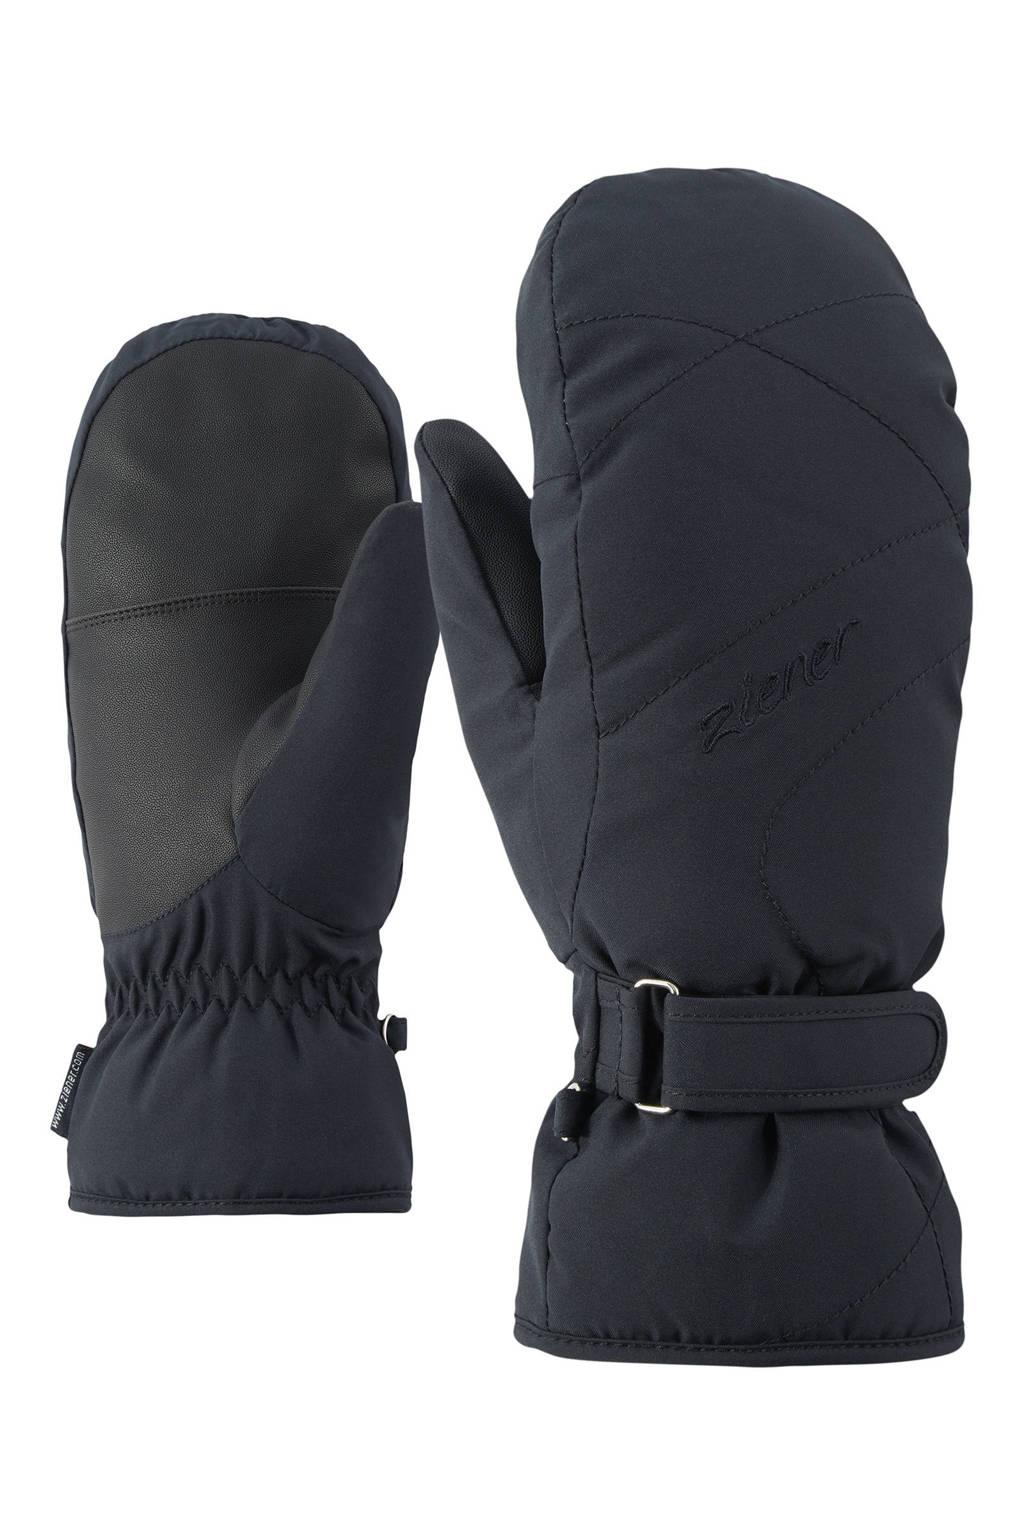 Ziener skihandschoenen KADDYLA zwart, Zwart